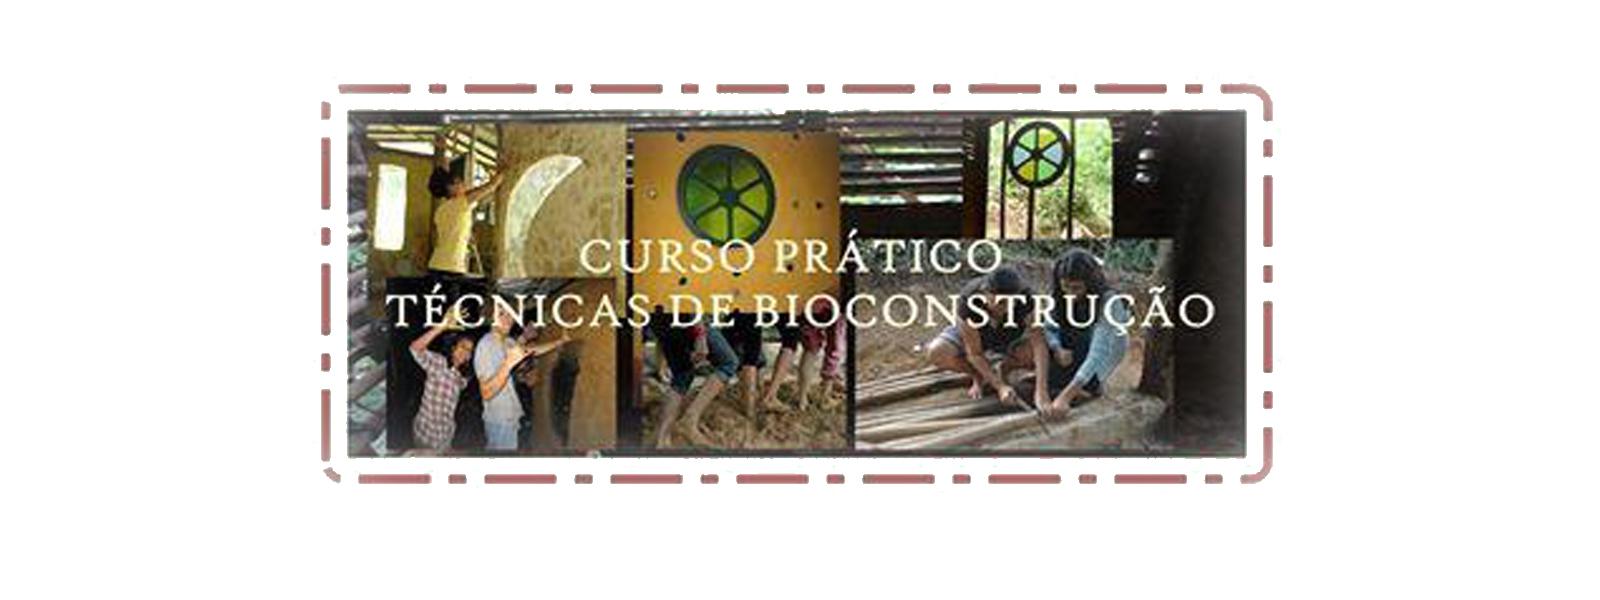 curso-tecnicas-bioconstrucao